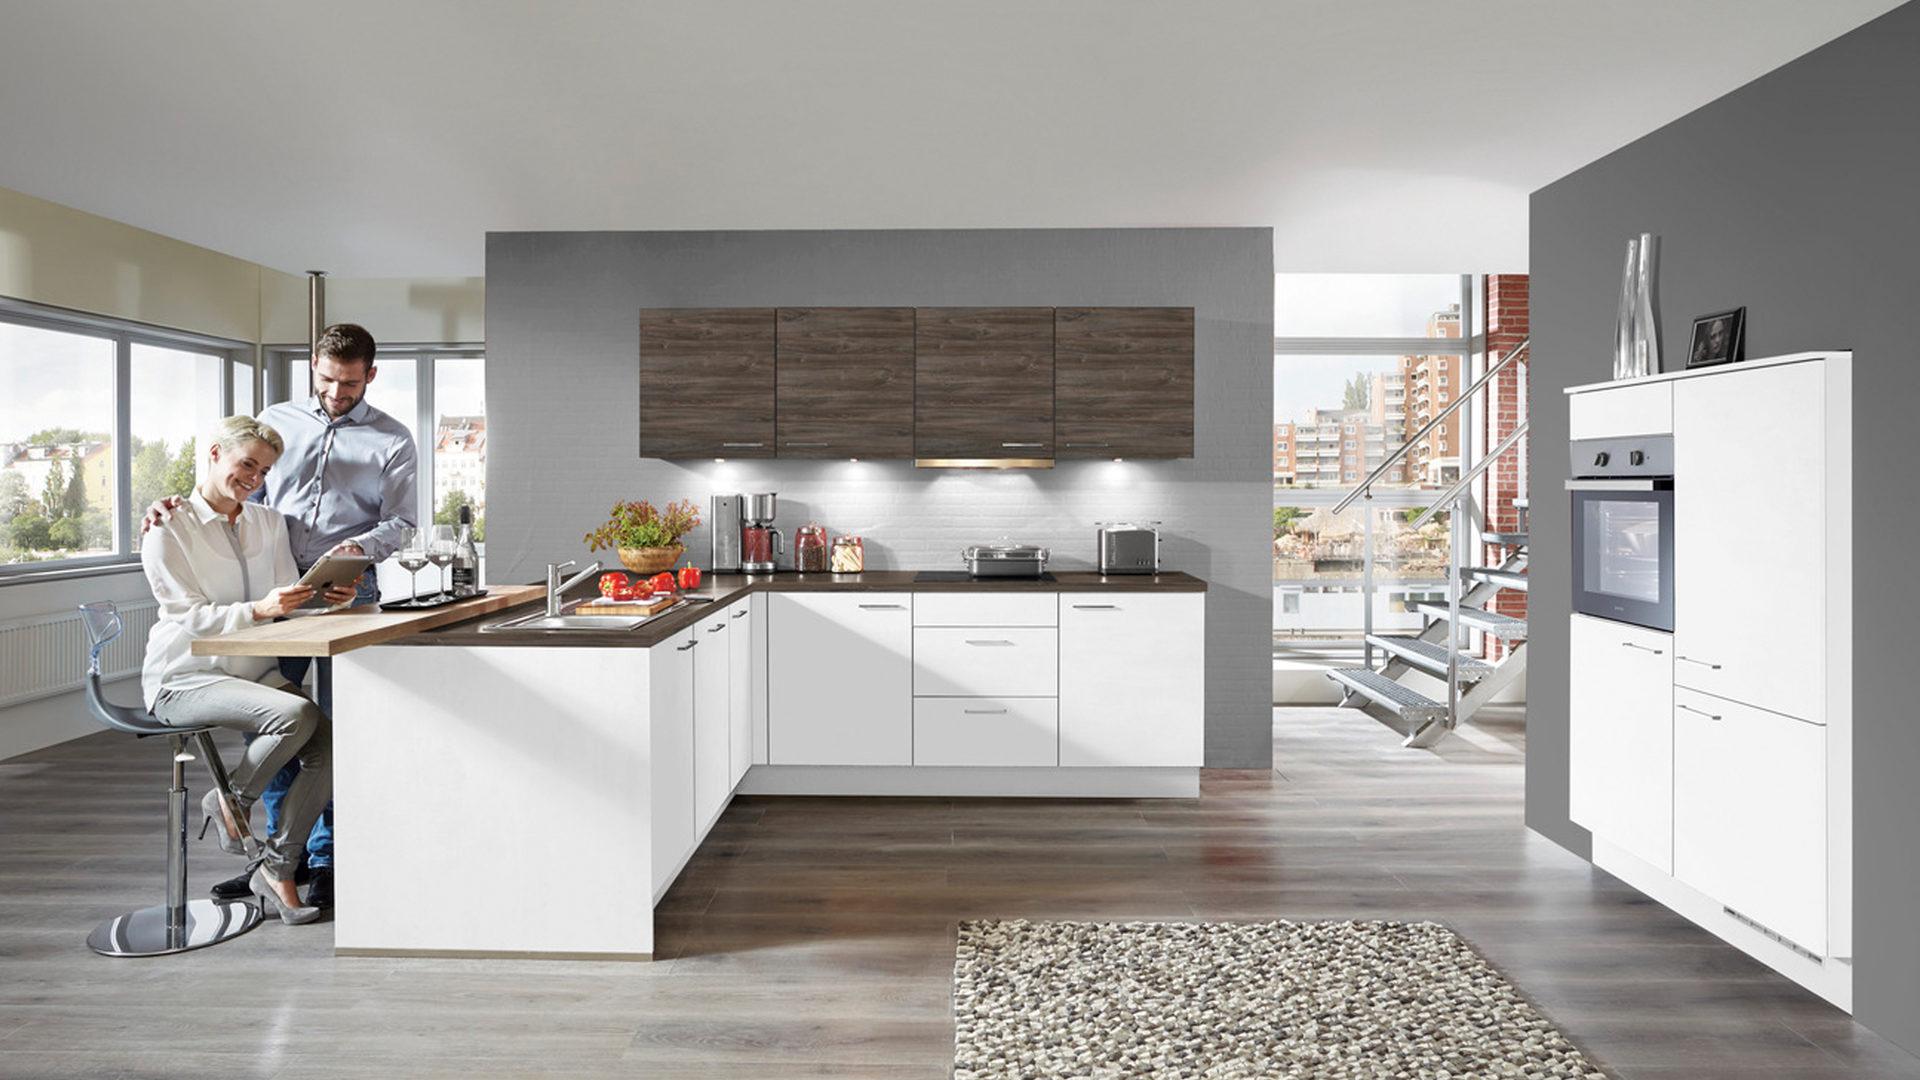 Gorenje Kühlschrank Gute Qualität : Wohnland breitwieser markenshops einbauküchen einbauküche